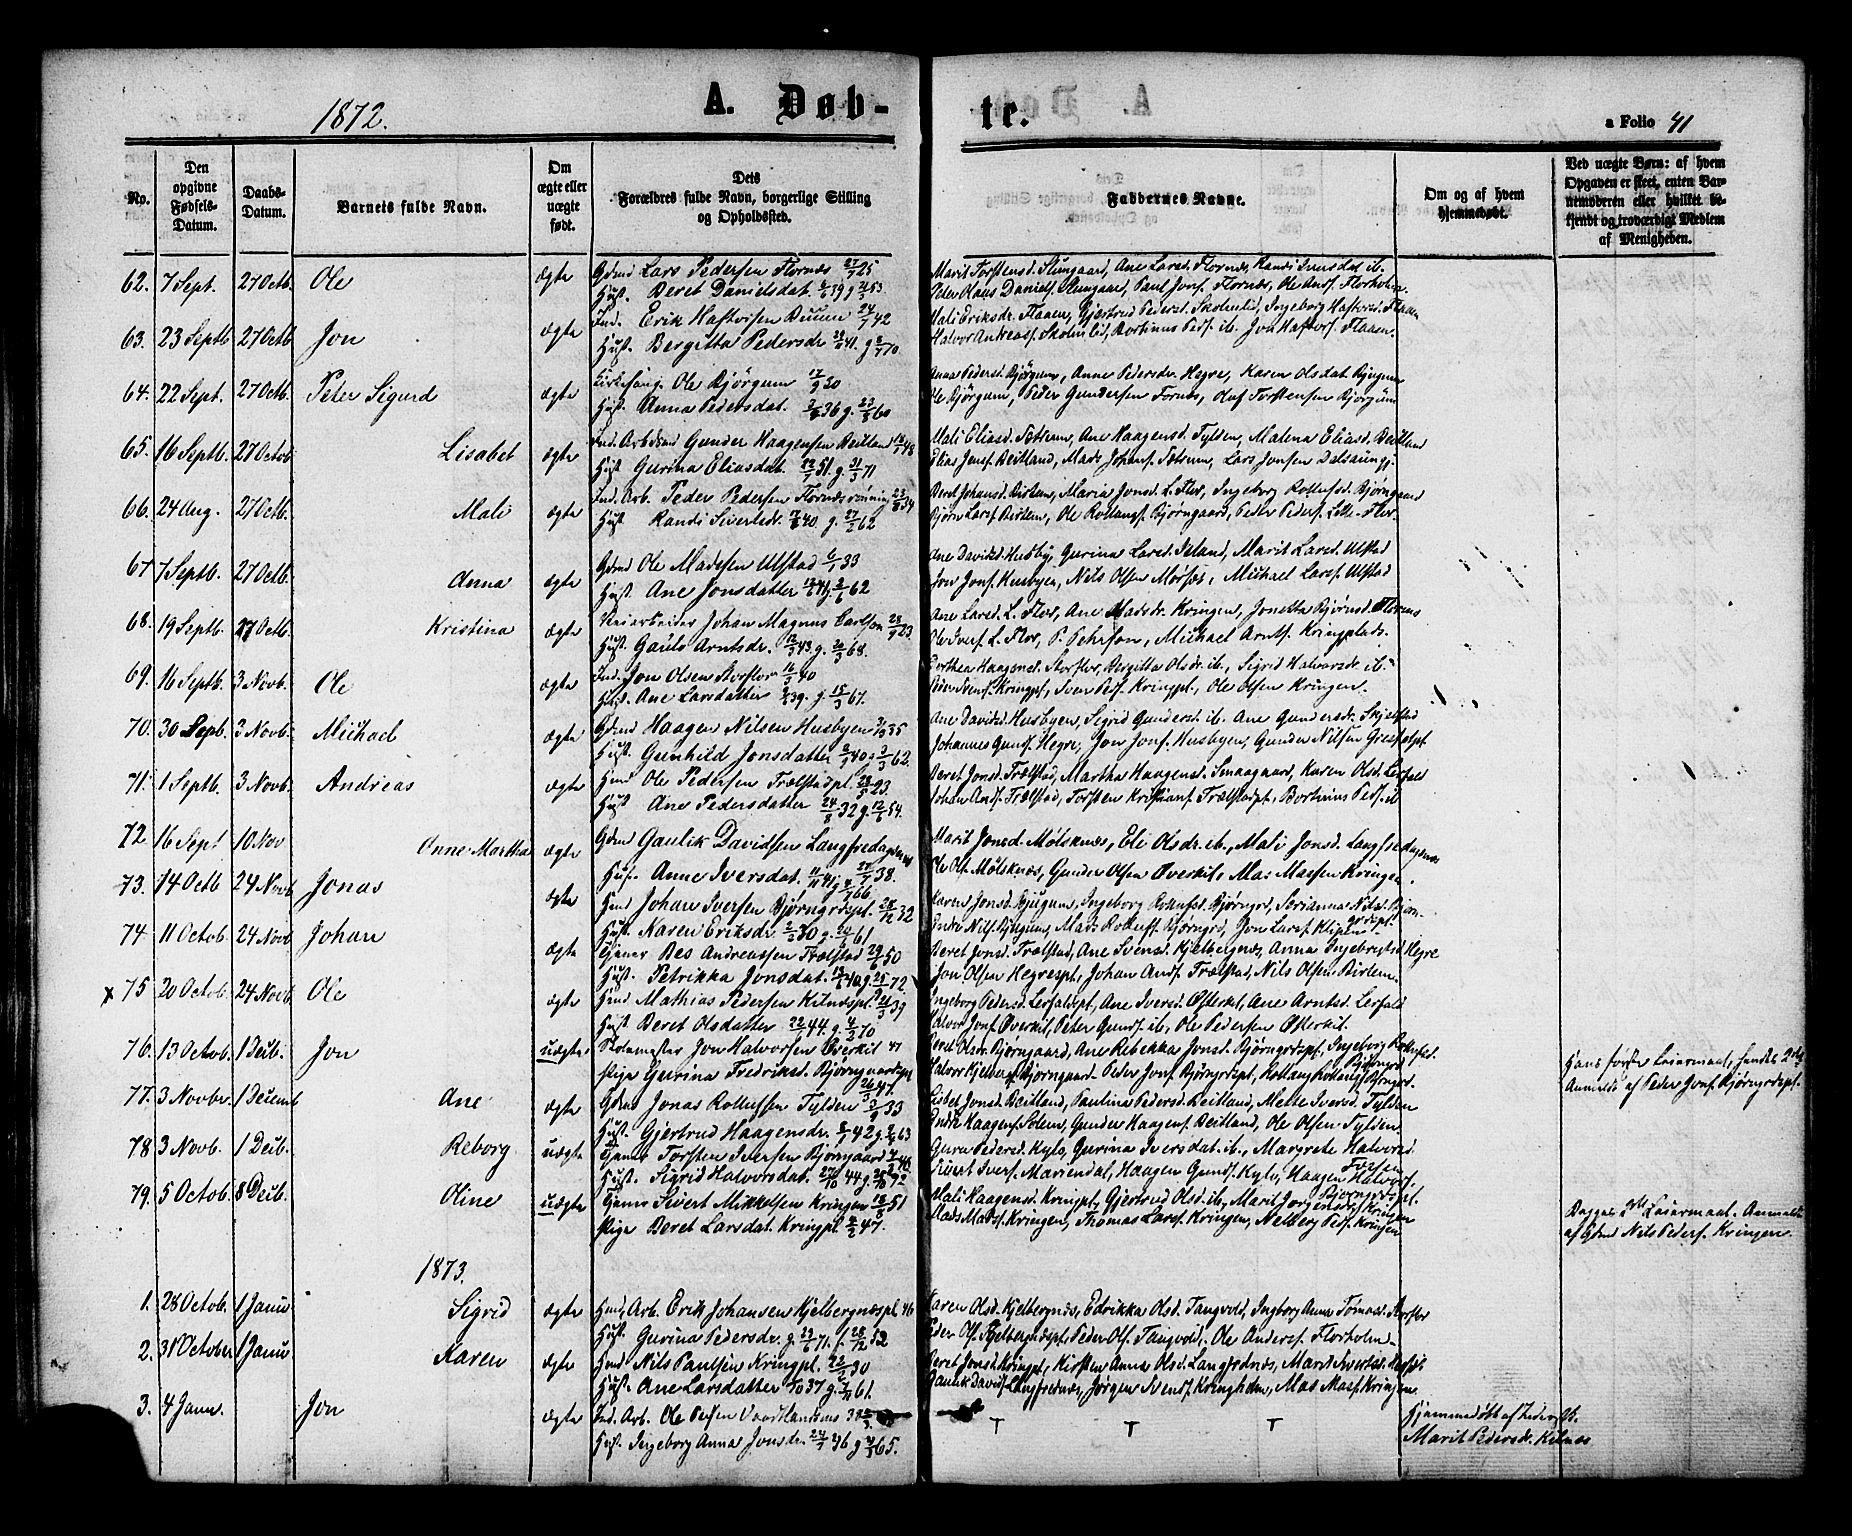 SAT, Ministerialprotokoller, klokkerbøker og fødselsregistre - Nord-Trøndelag, 703/L0029: Ministerialbok nr. 703A02, 1863-1879, s. 41